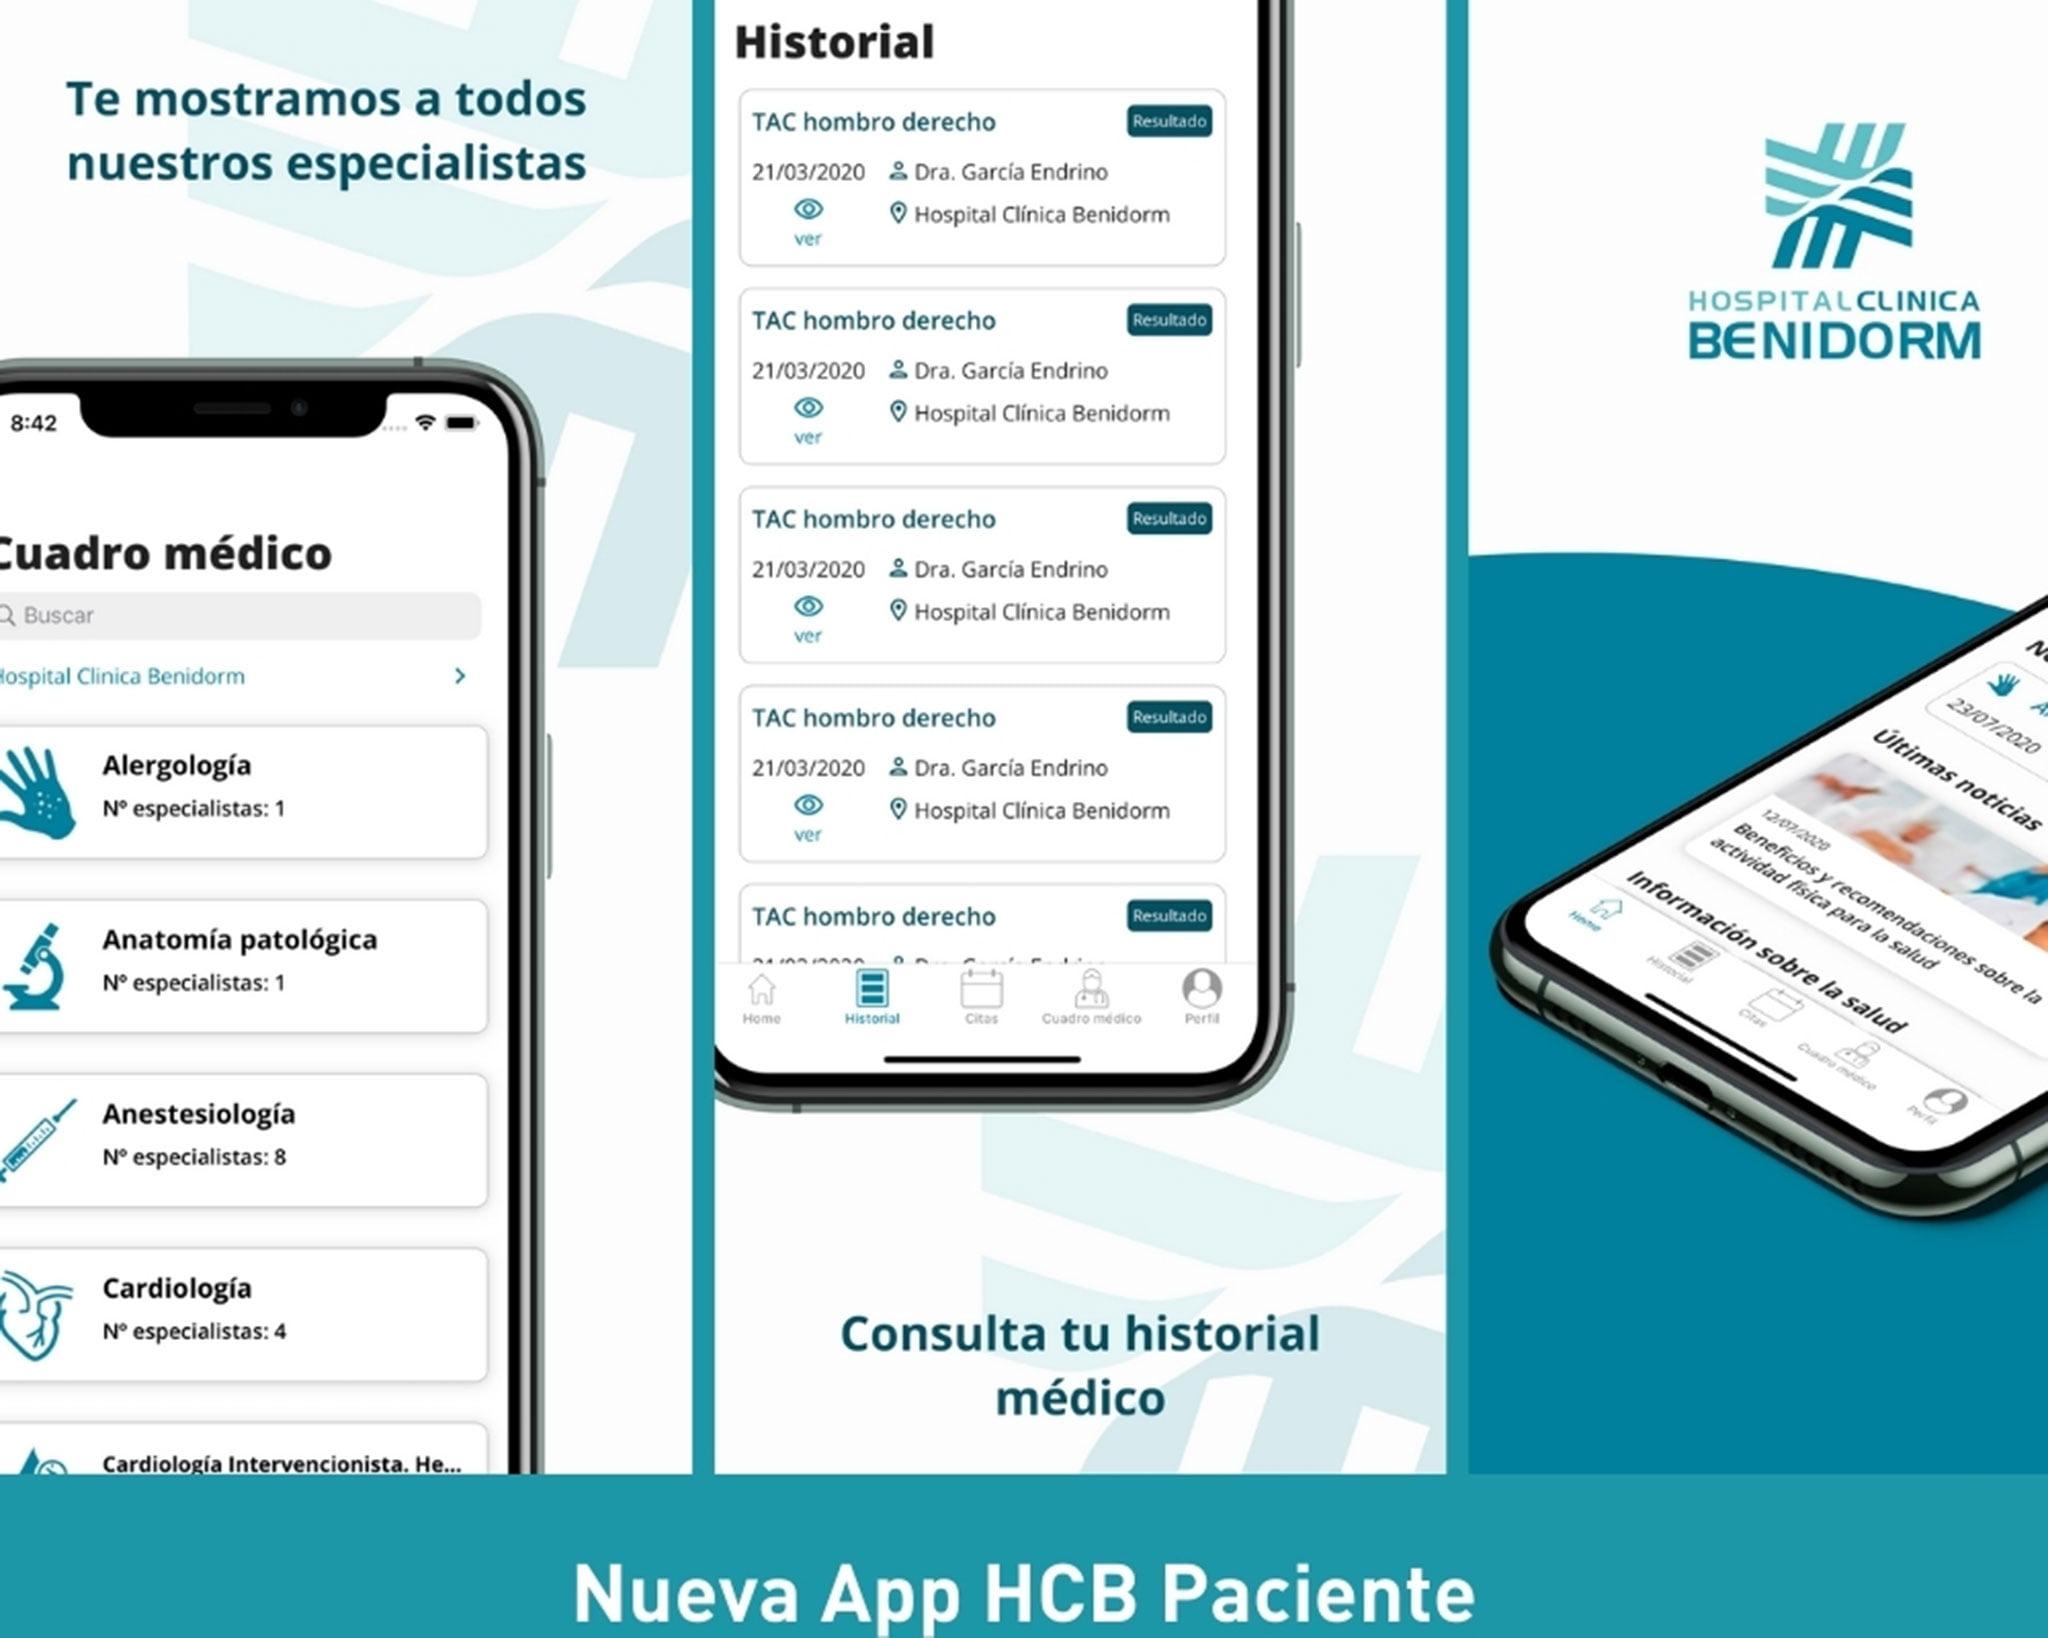 Nueva aplicación para móvil de Hospital Clínica Benidorm (HCB)